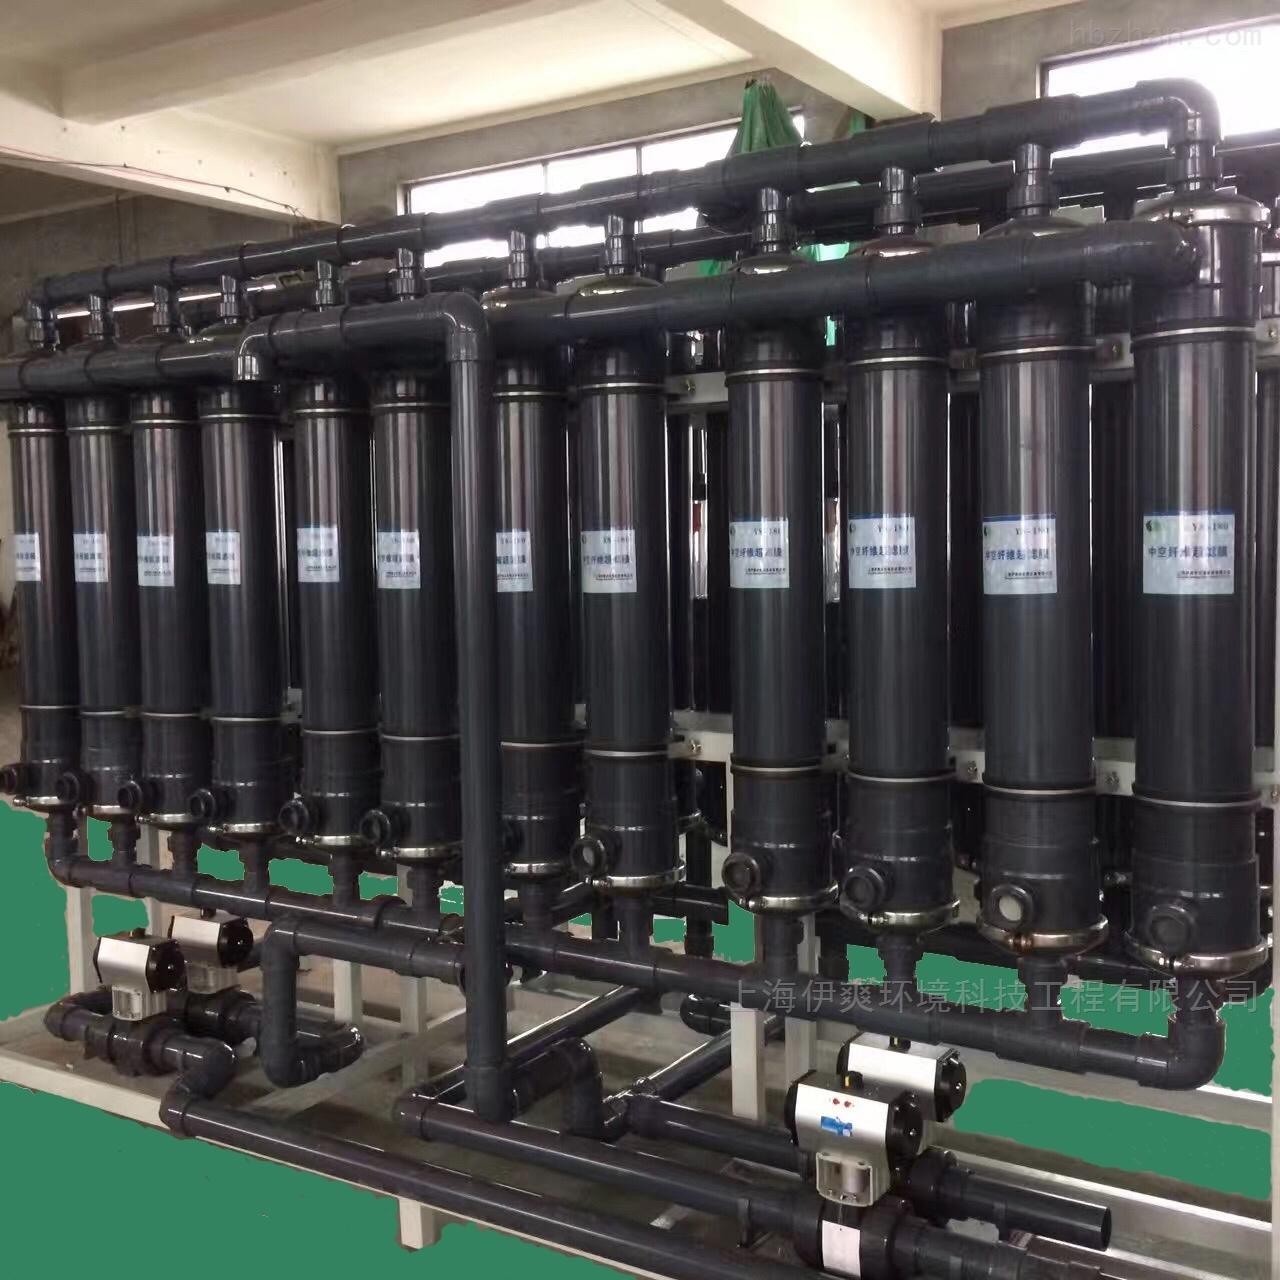 ys废水处理如何稳定达标